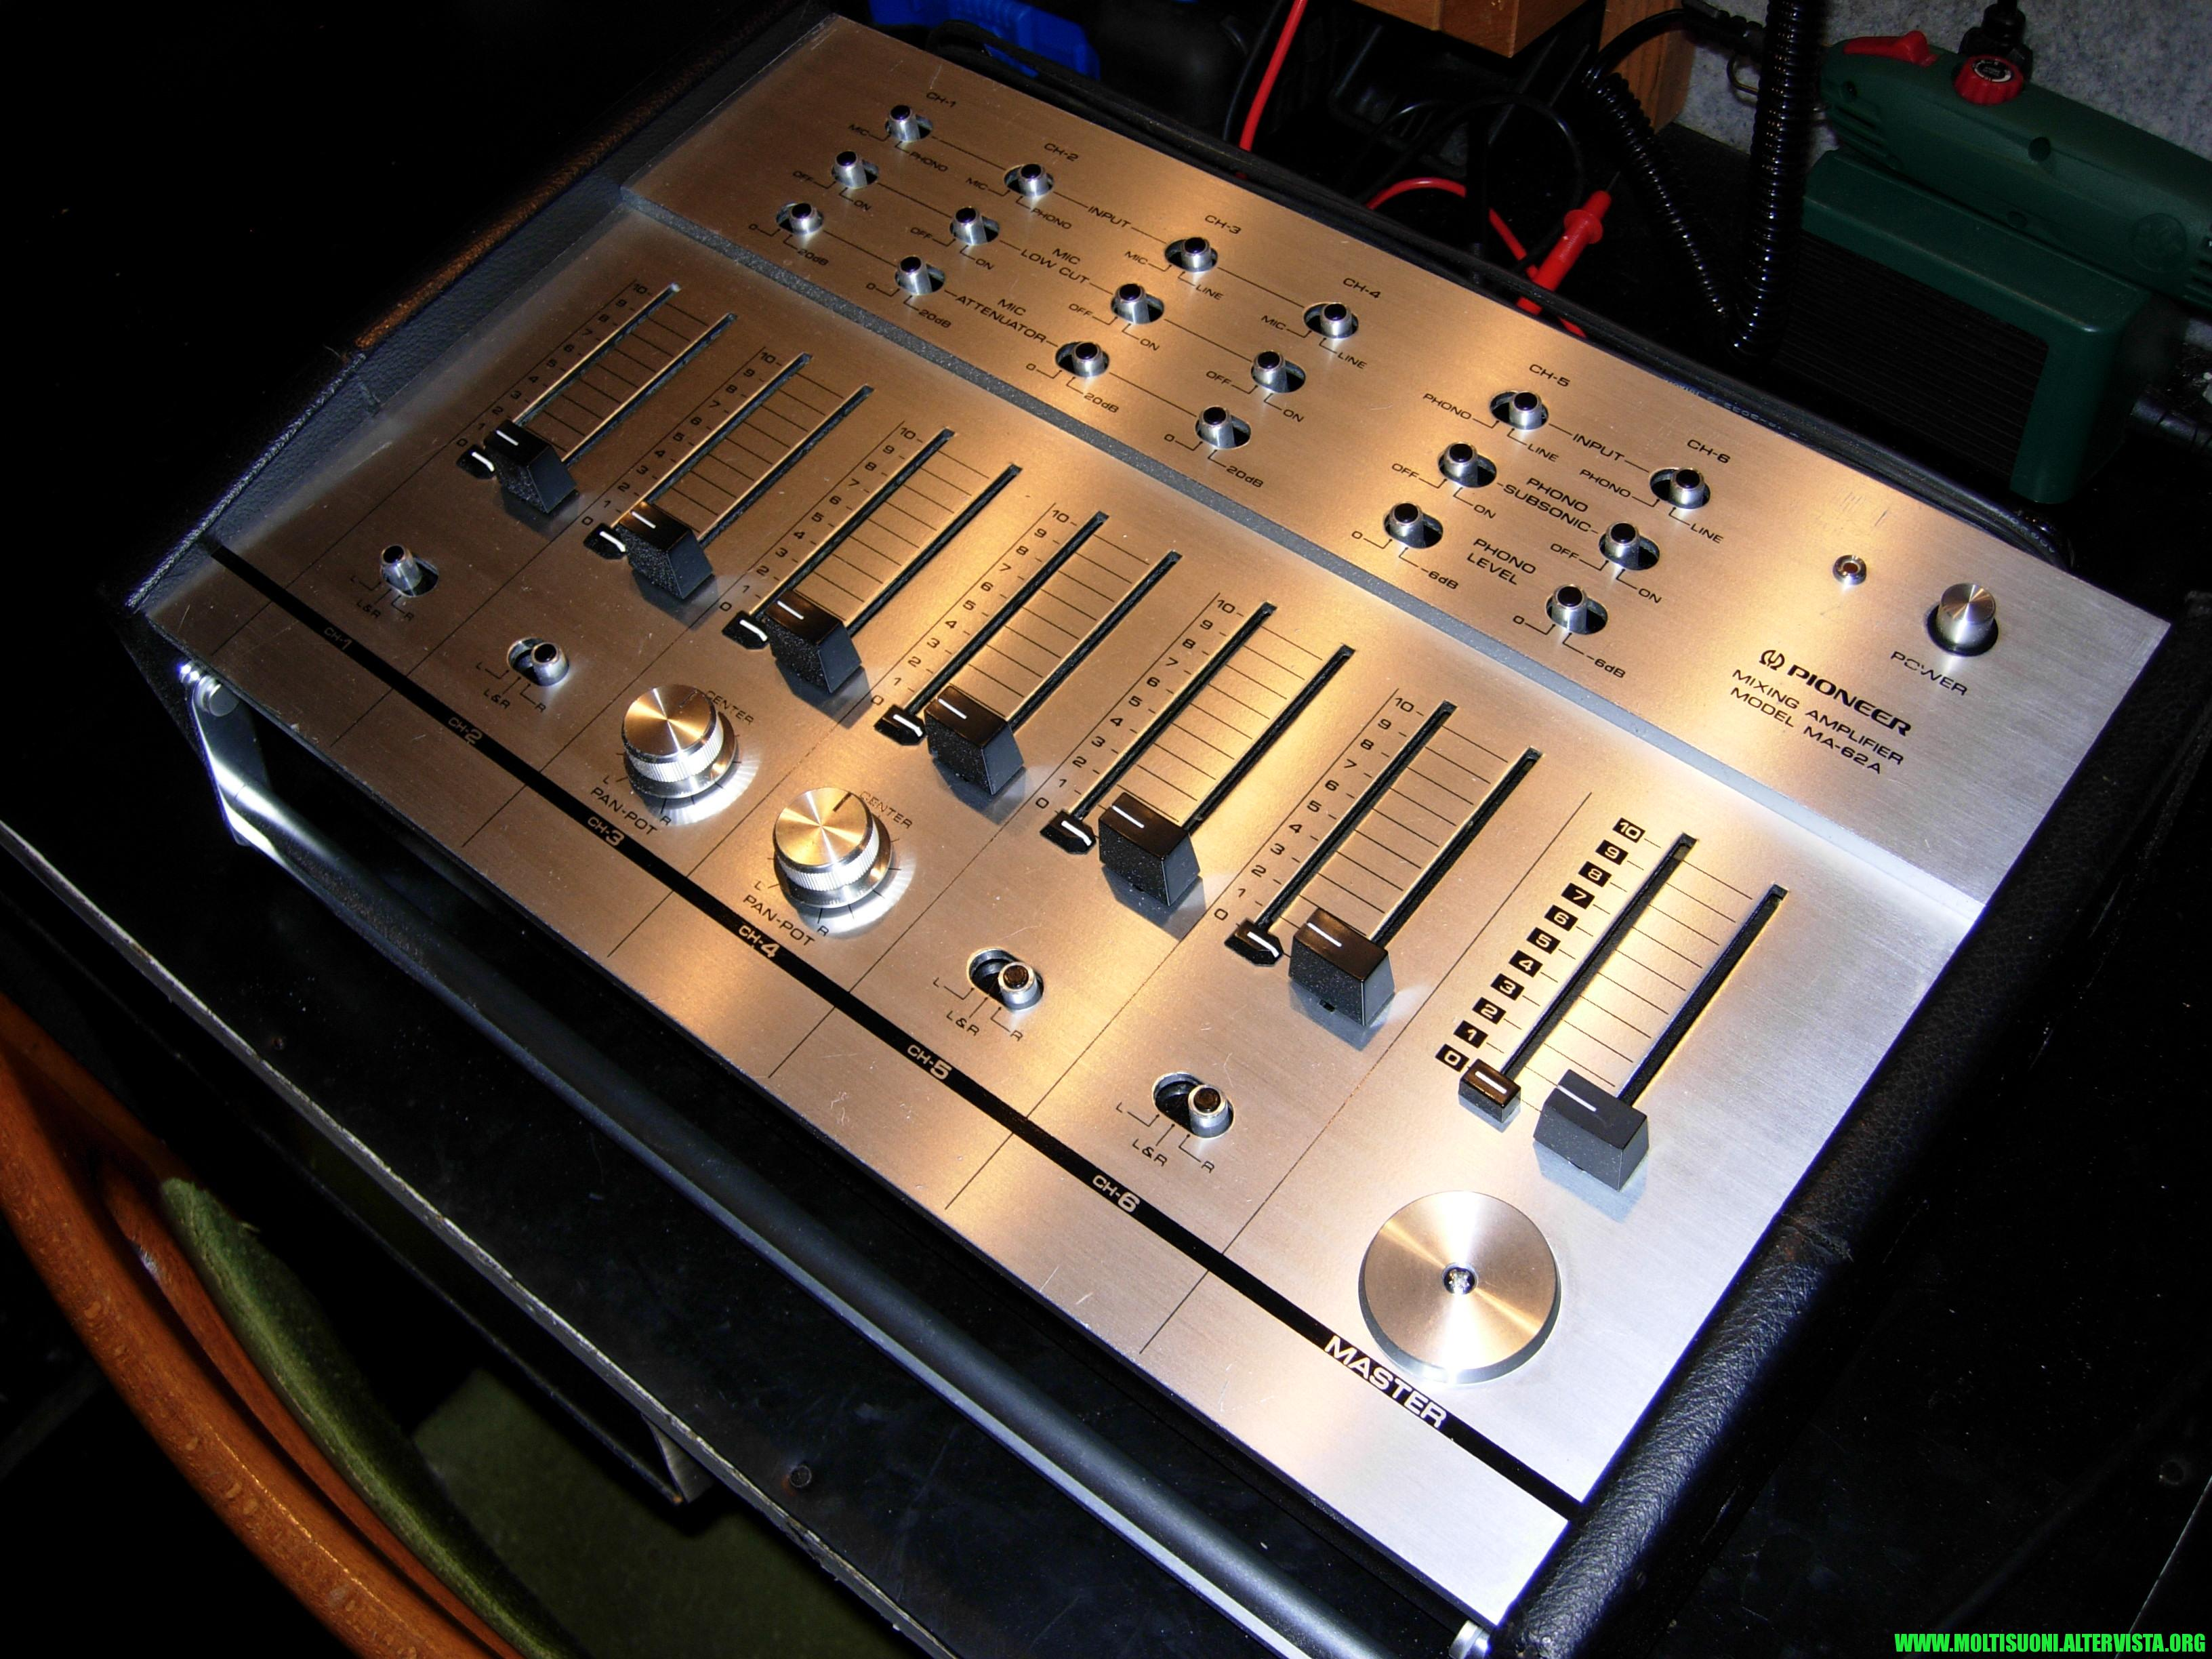 moltisuoni - Pioneer MA 62 2